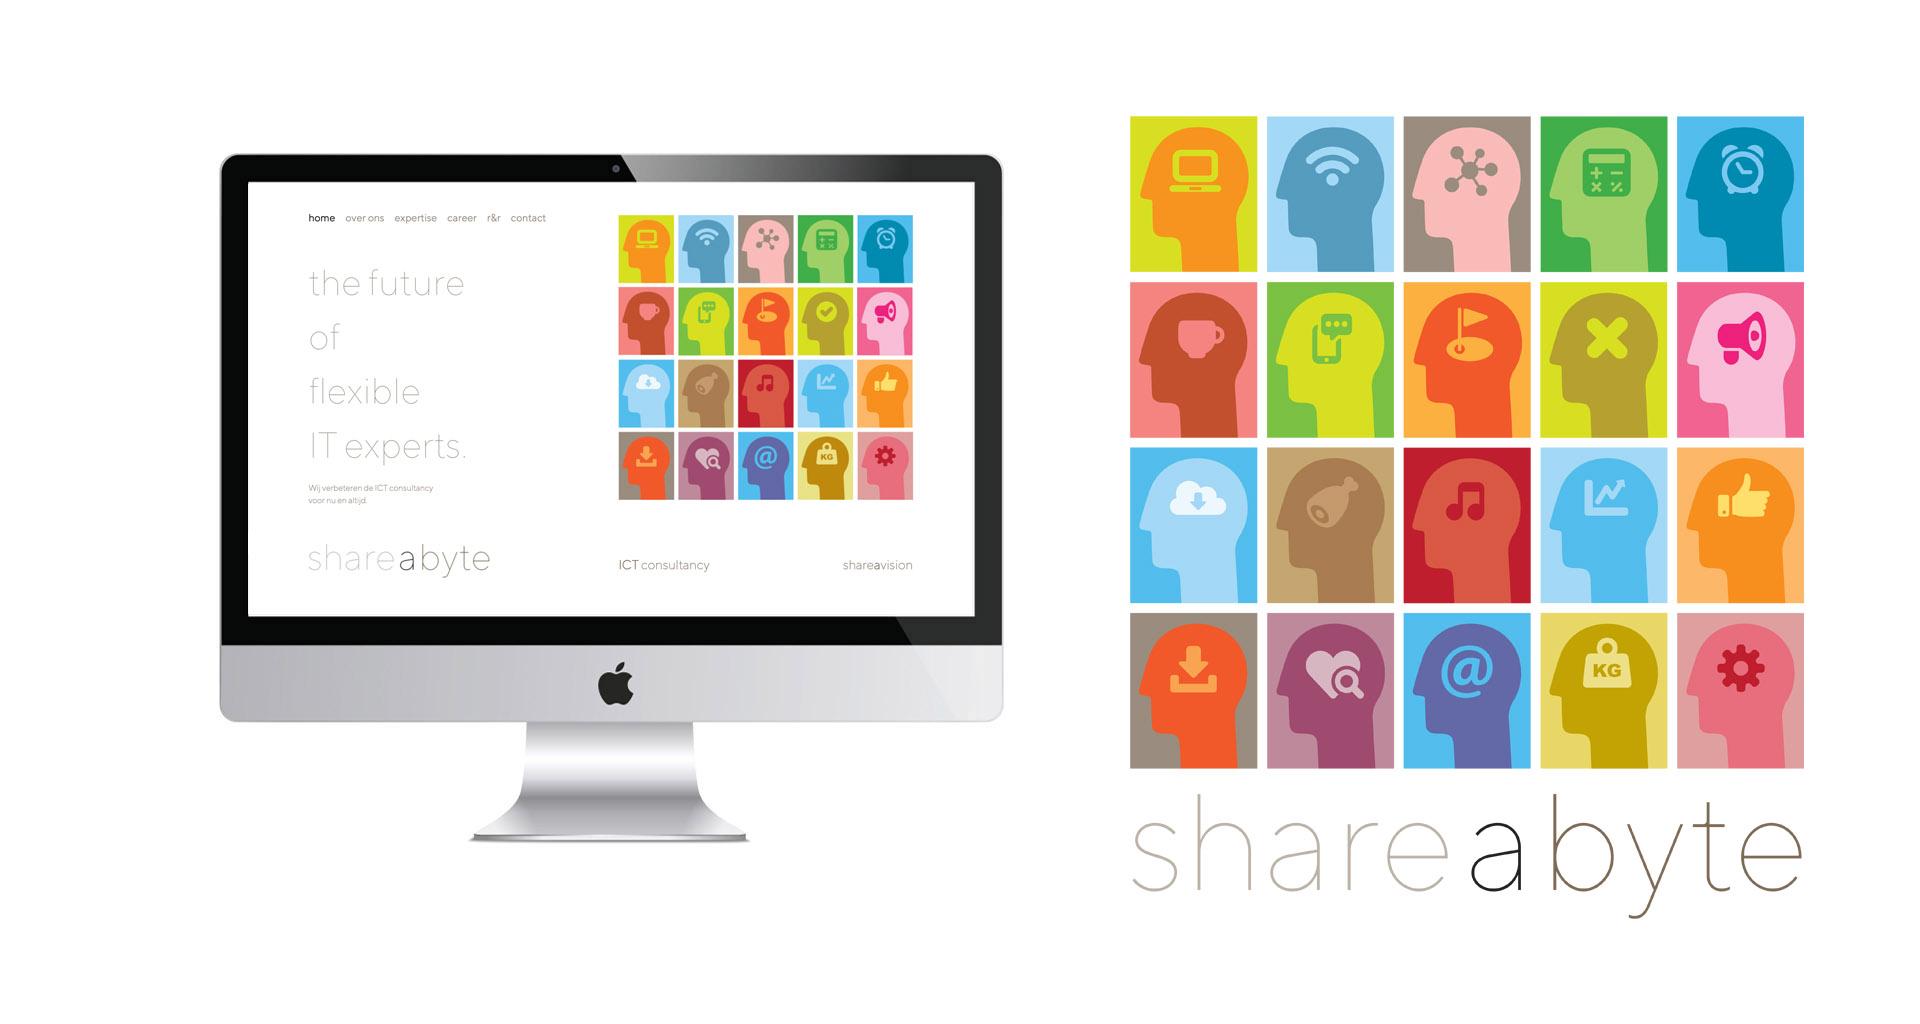 share-a-byte